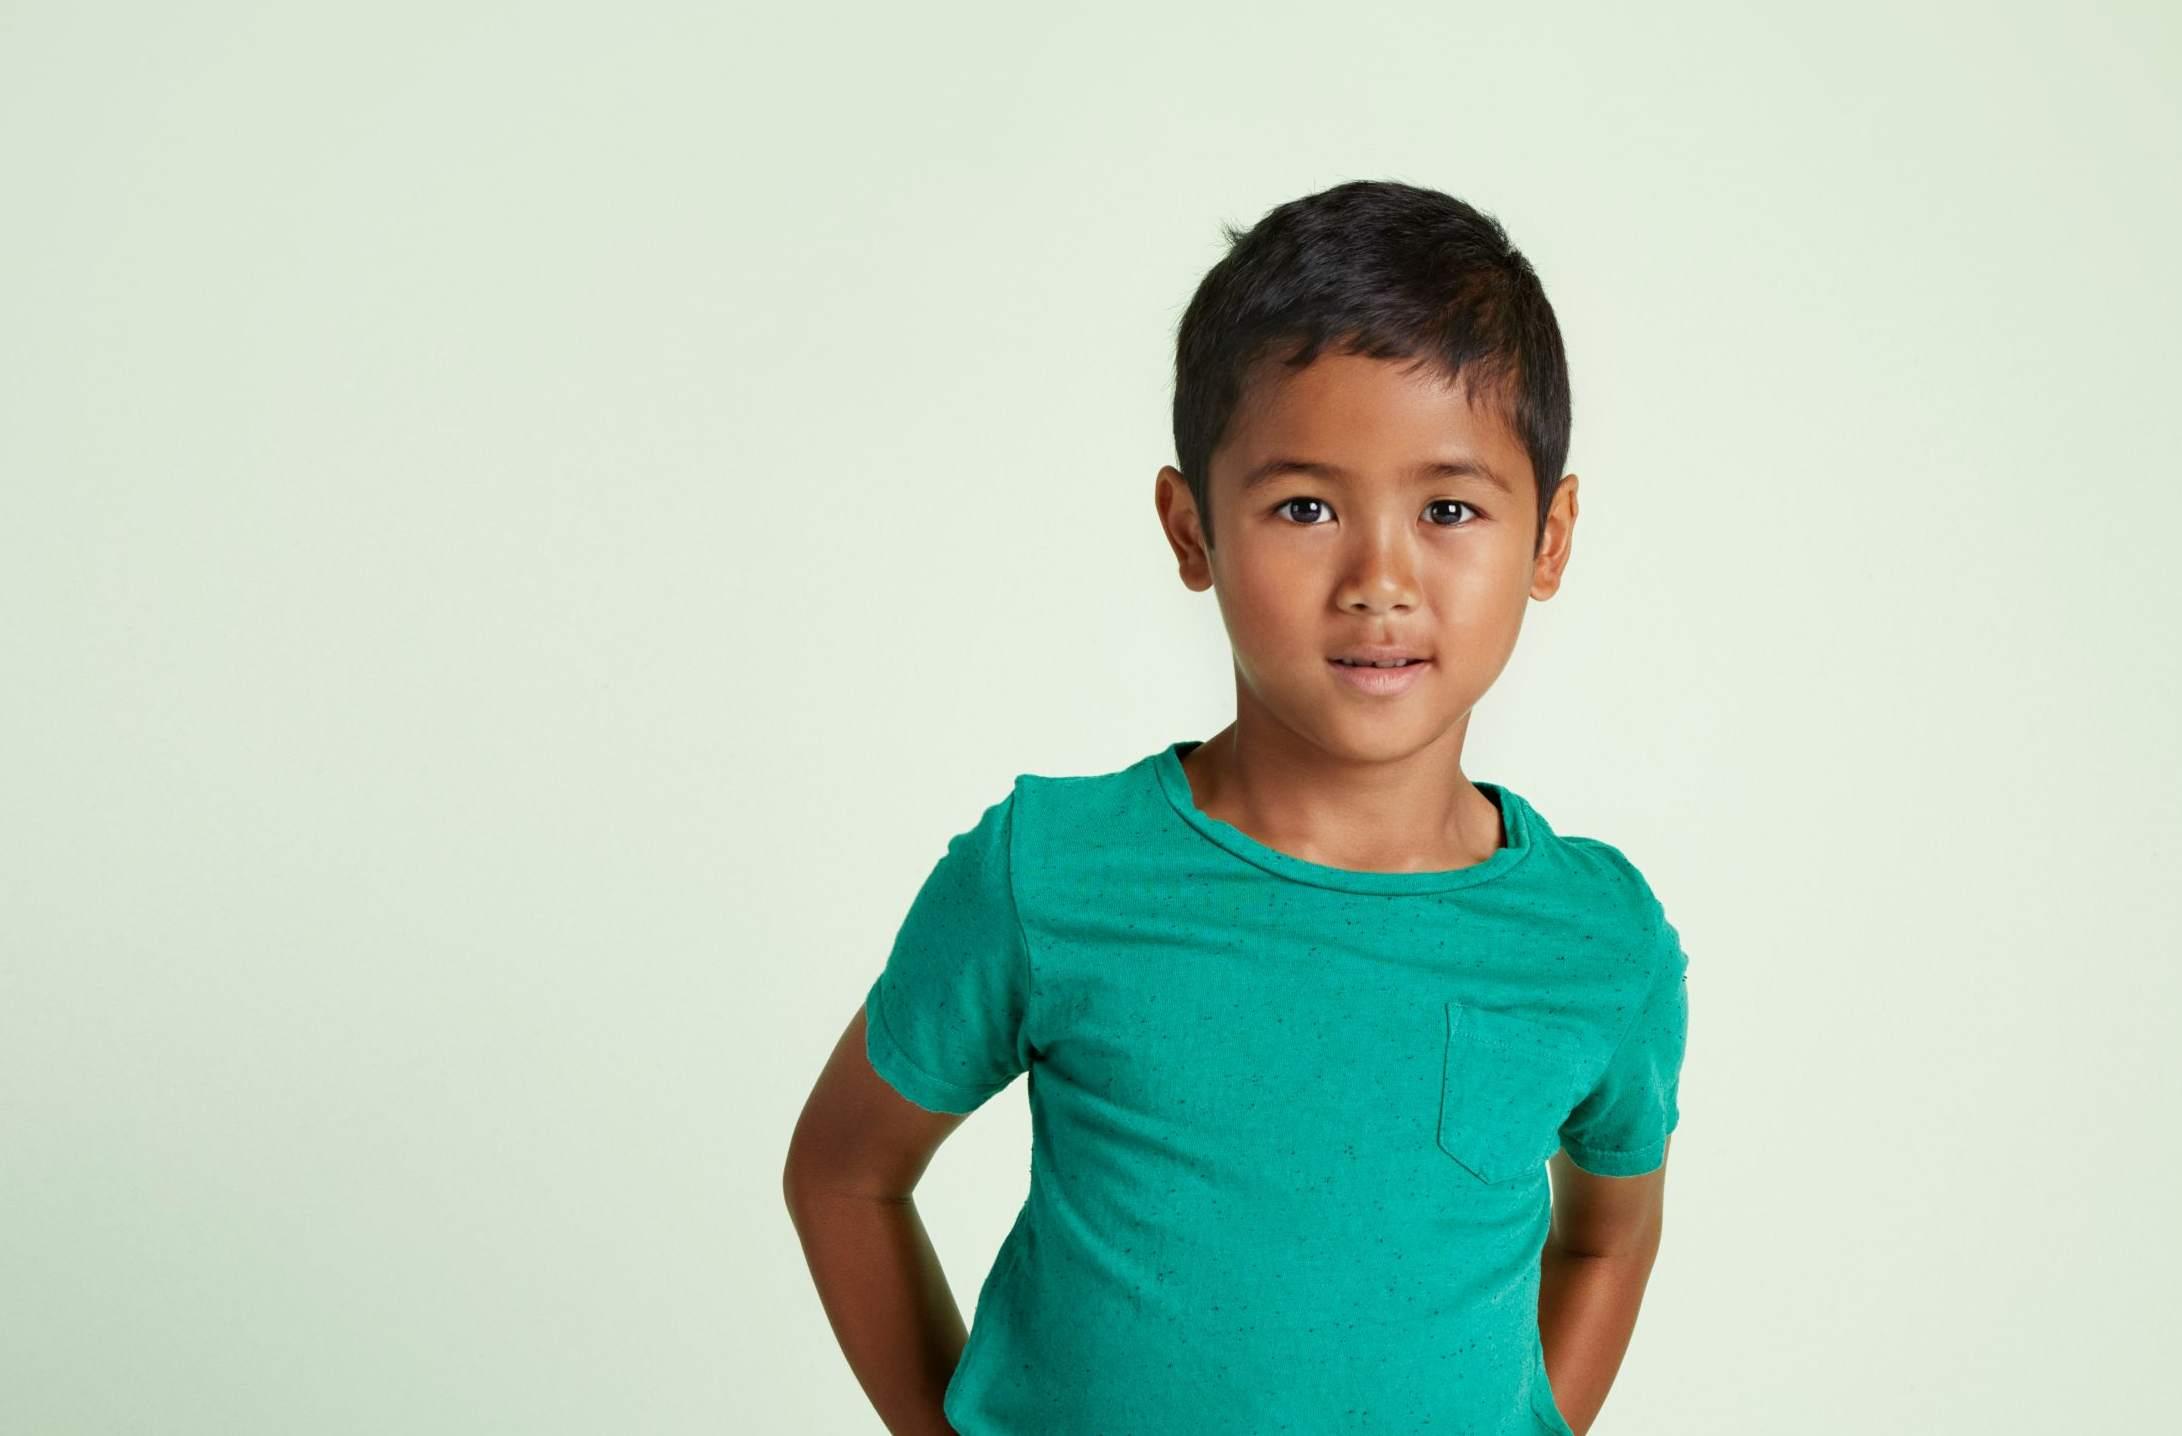 Werkt de aanpak kindermishandeling en partnergeweld